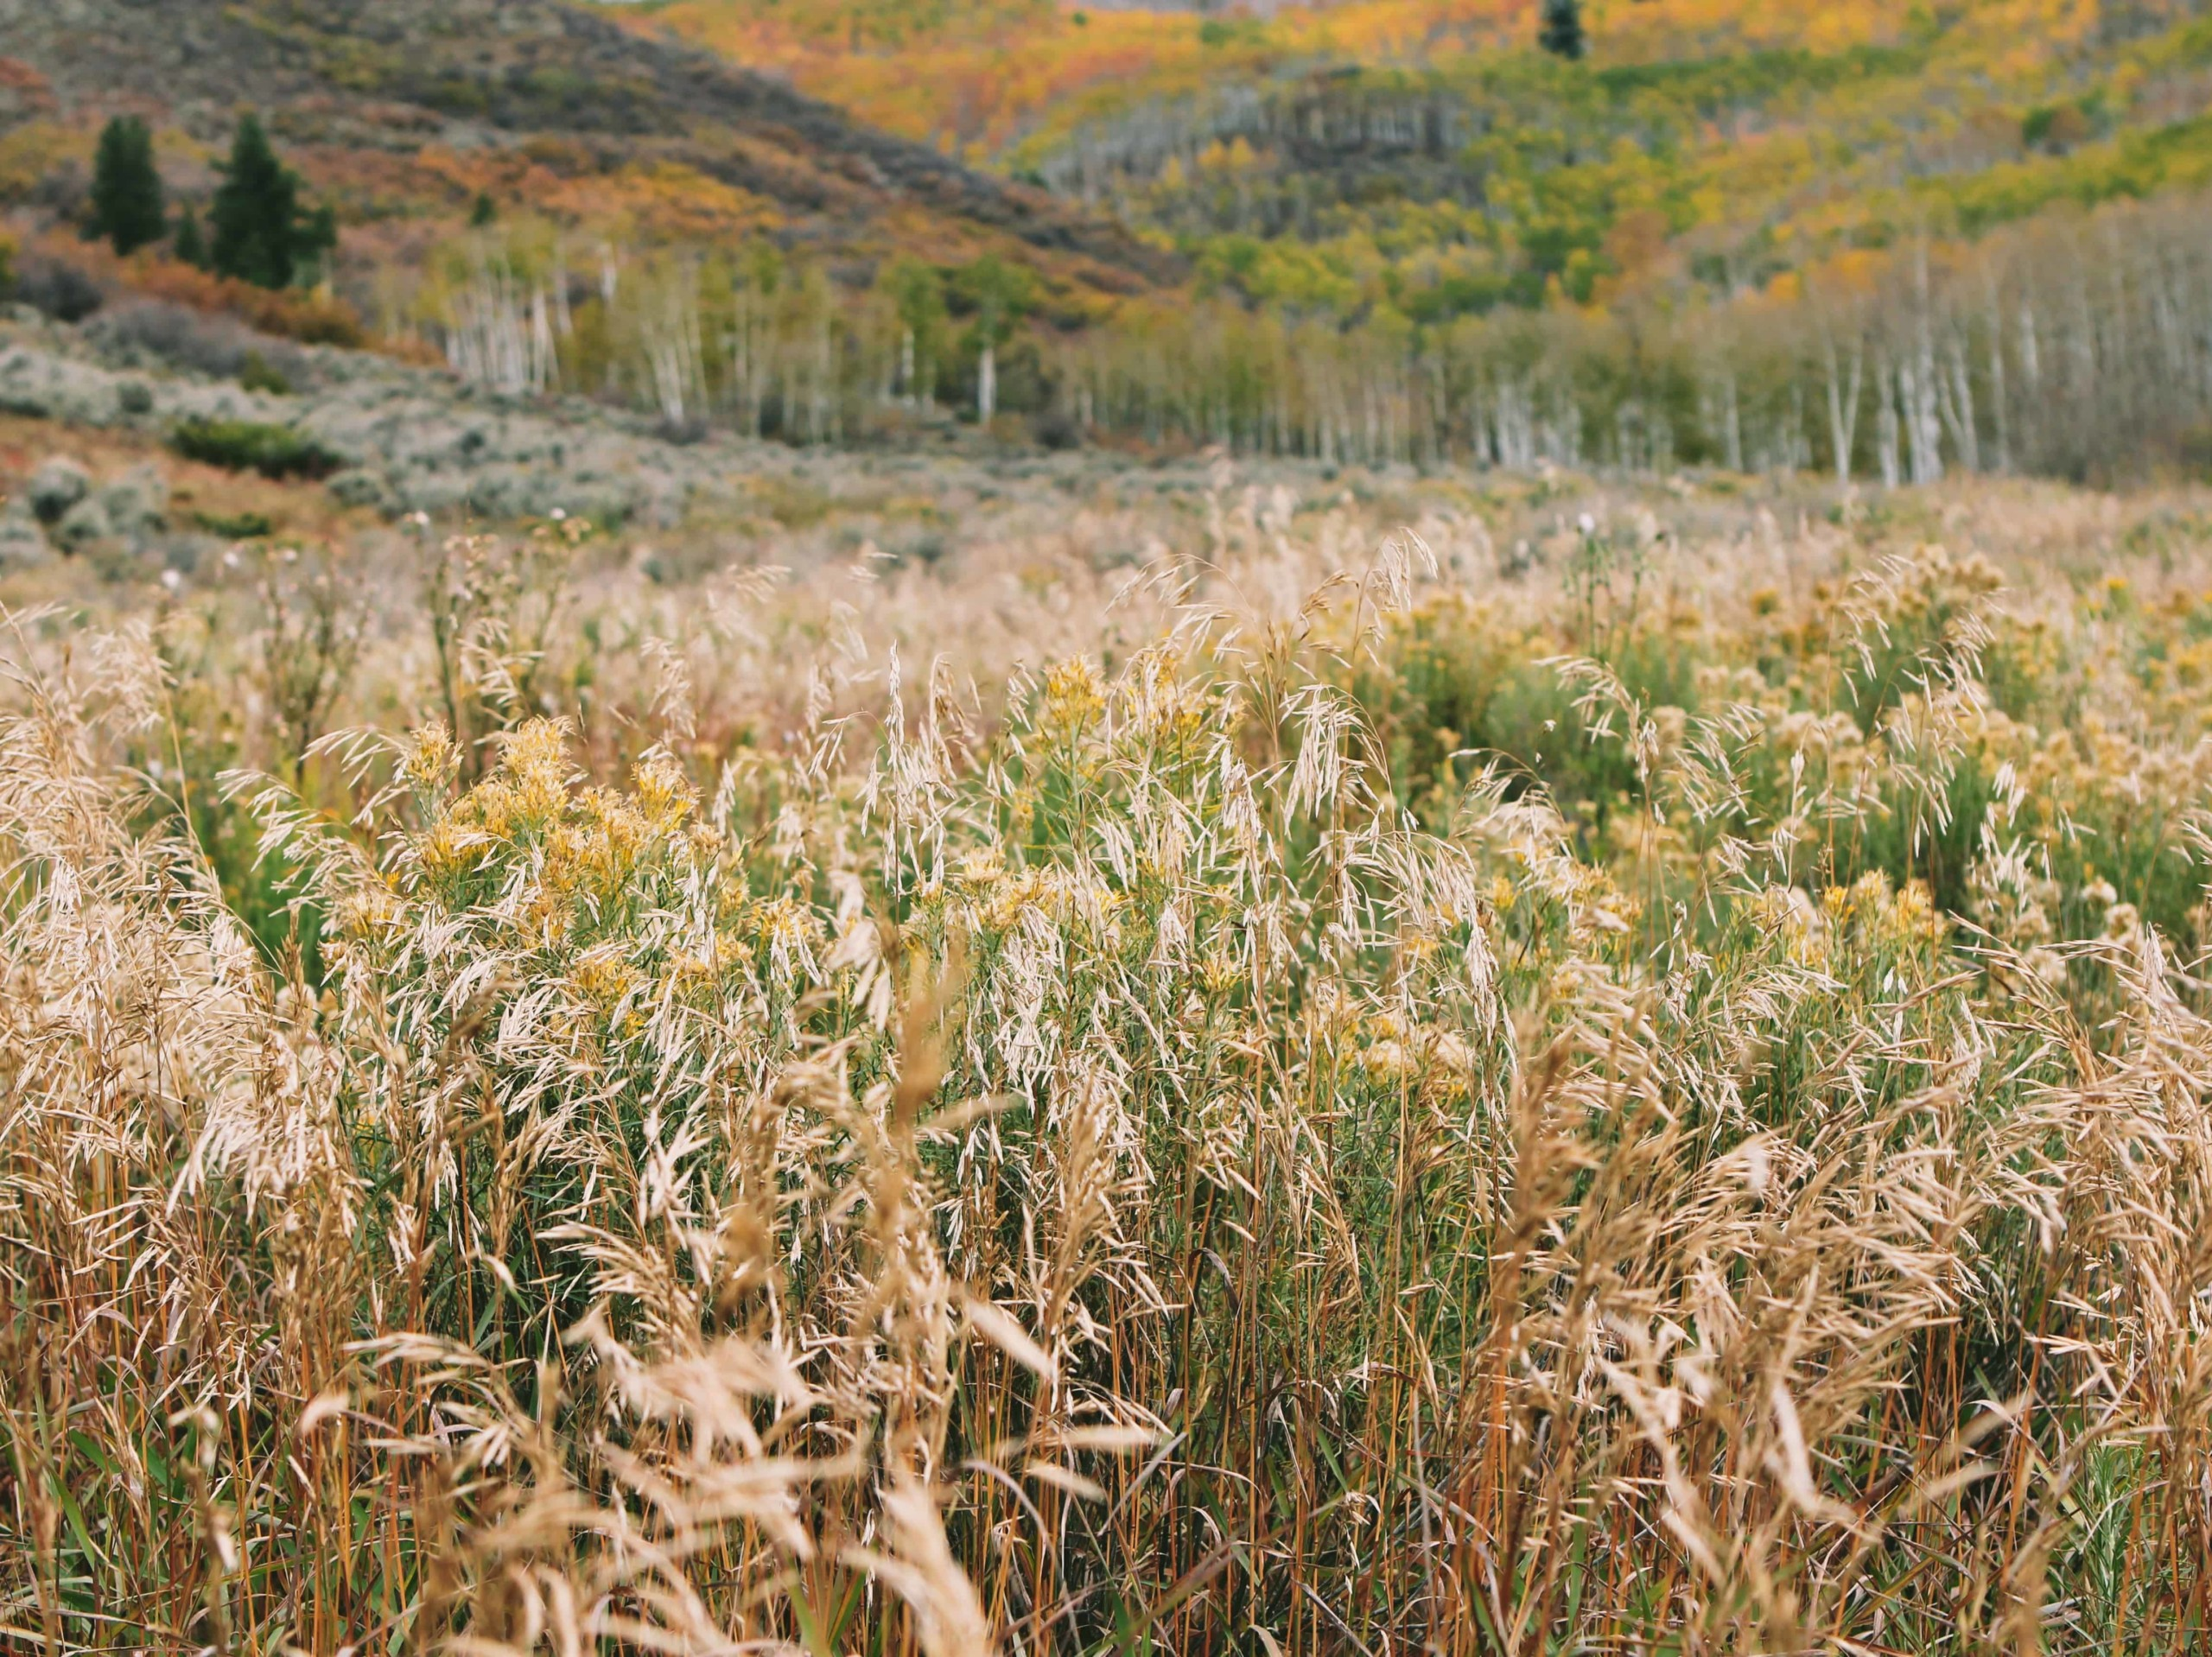 2015-02-Life-of-Pix-free-stock-photos-wild-mountain-tall-grass-john-price (1)